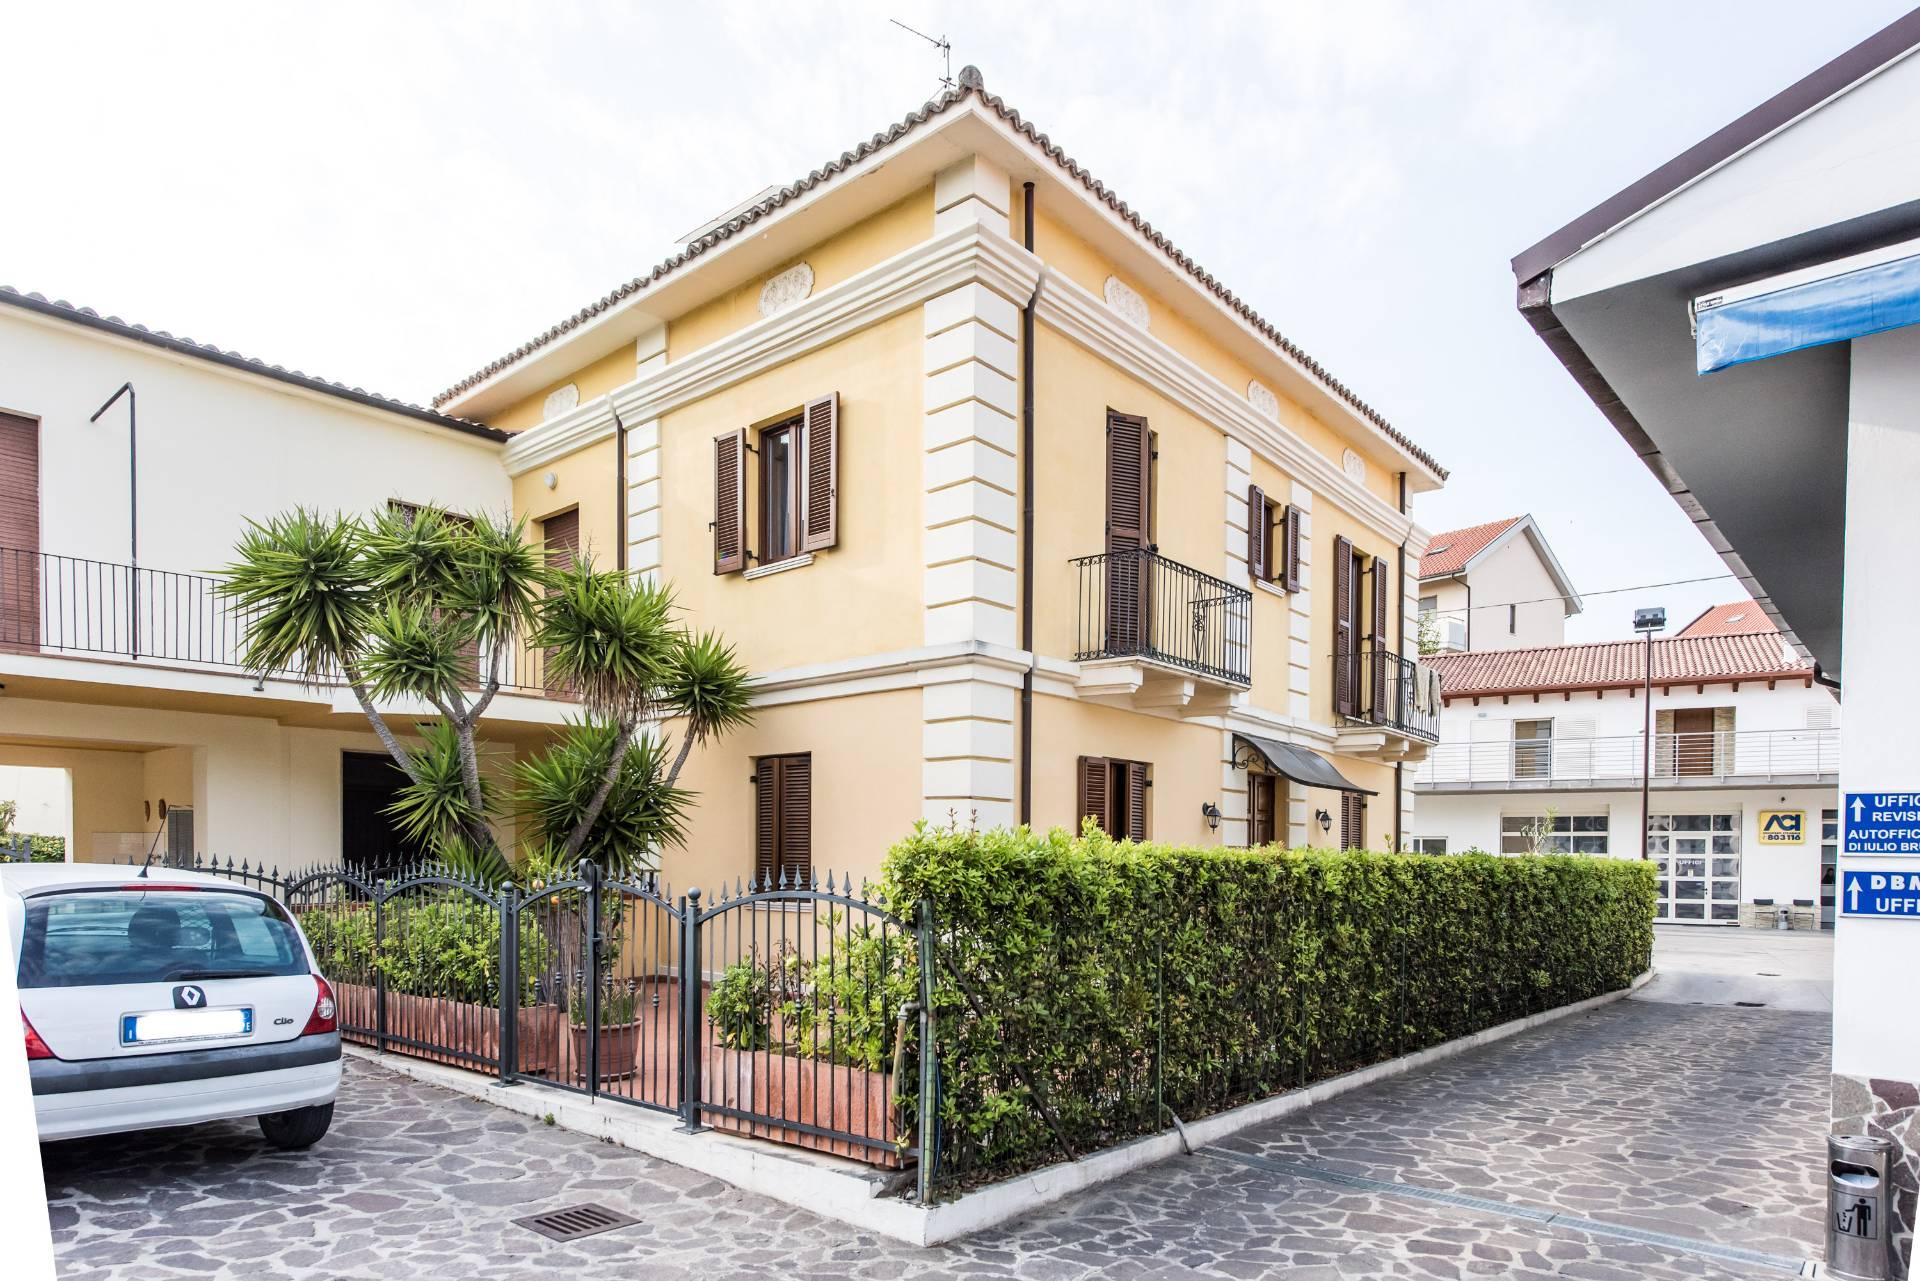 Soluzione Indipendente in affitto a Francavilla al Mare, 6 locali, prezzo € 600 | Cambio Casa.it